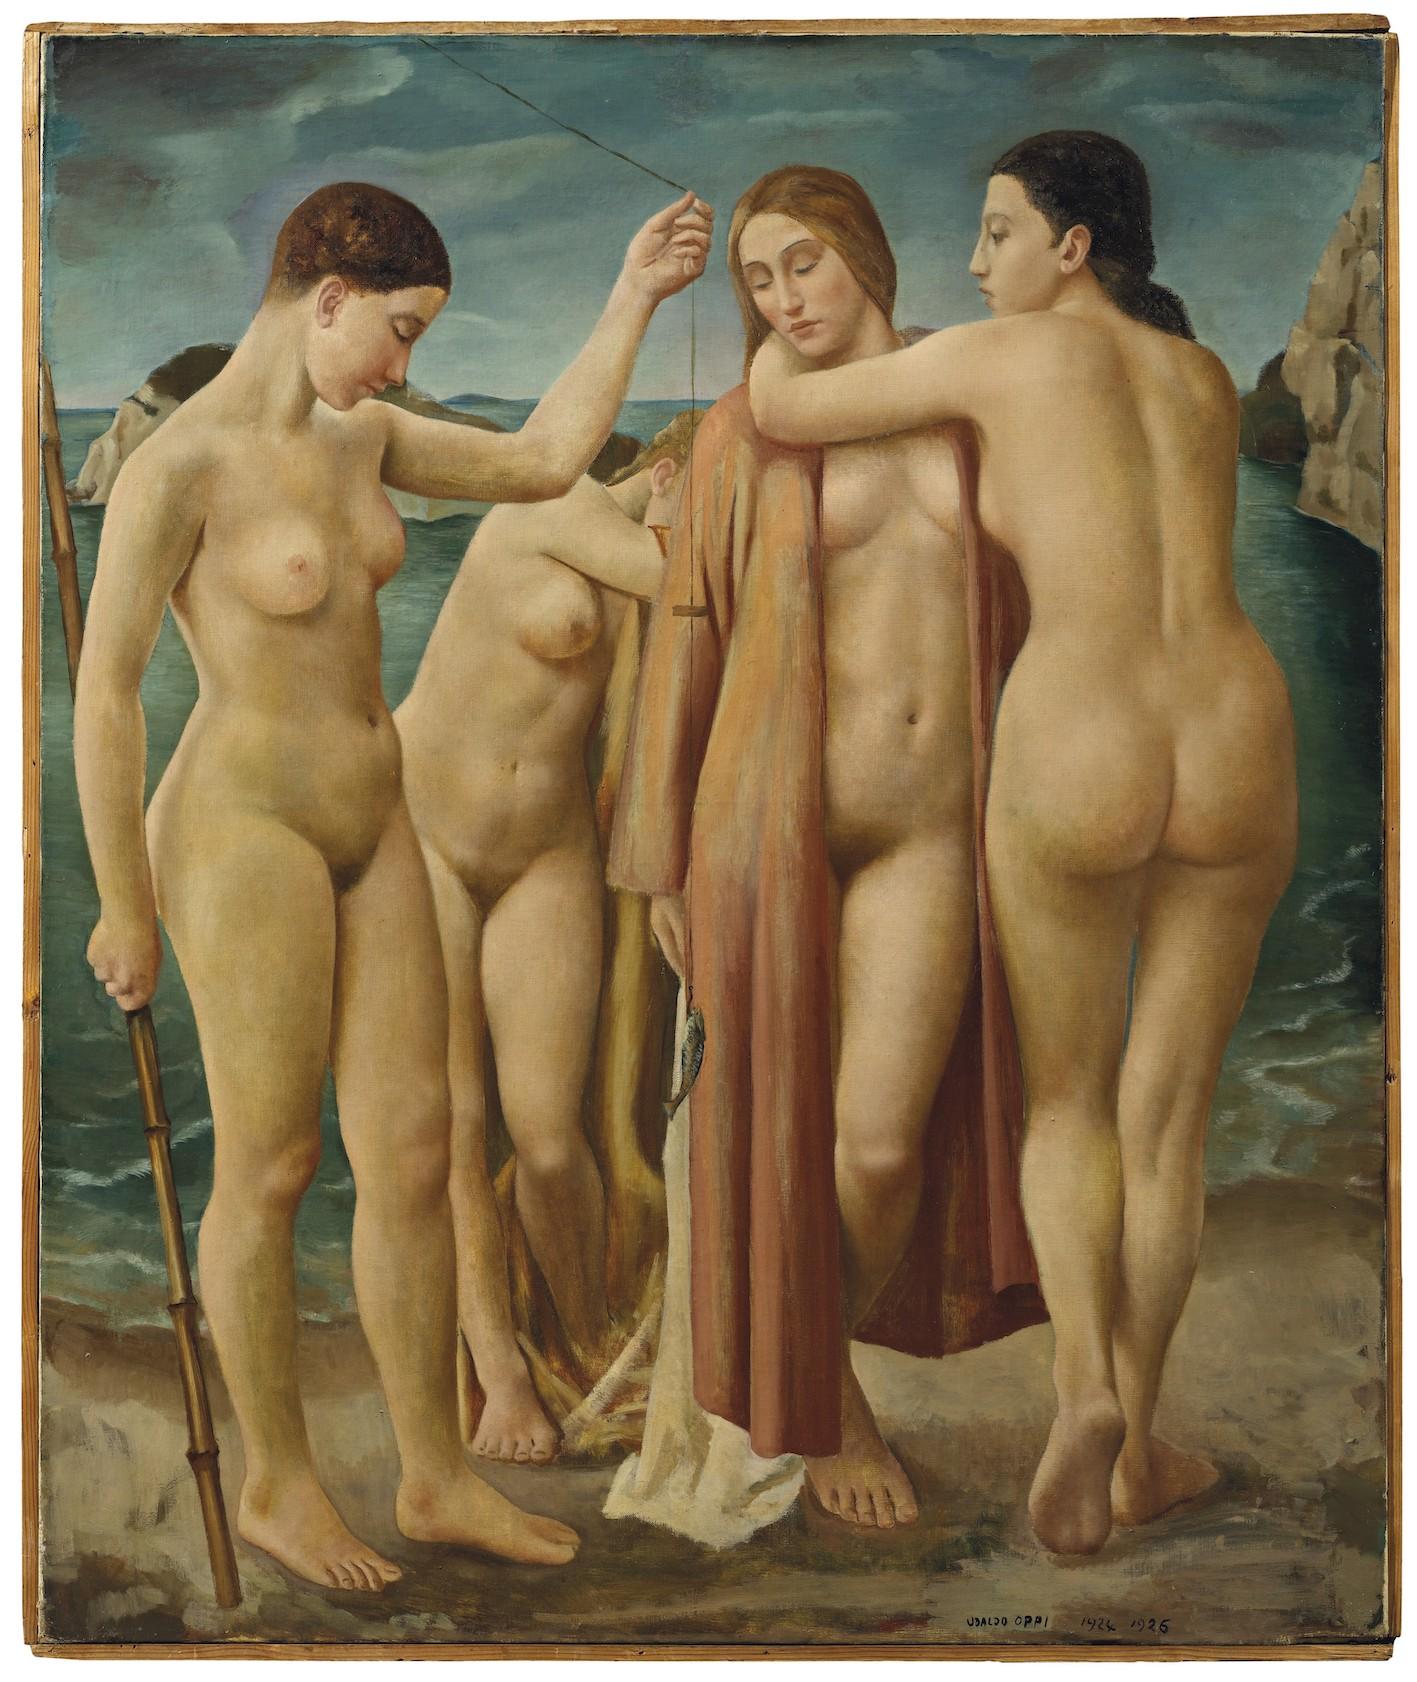 Ubaldo Oppi, Giovani donne al mare